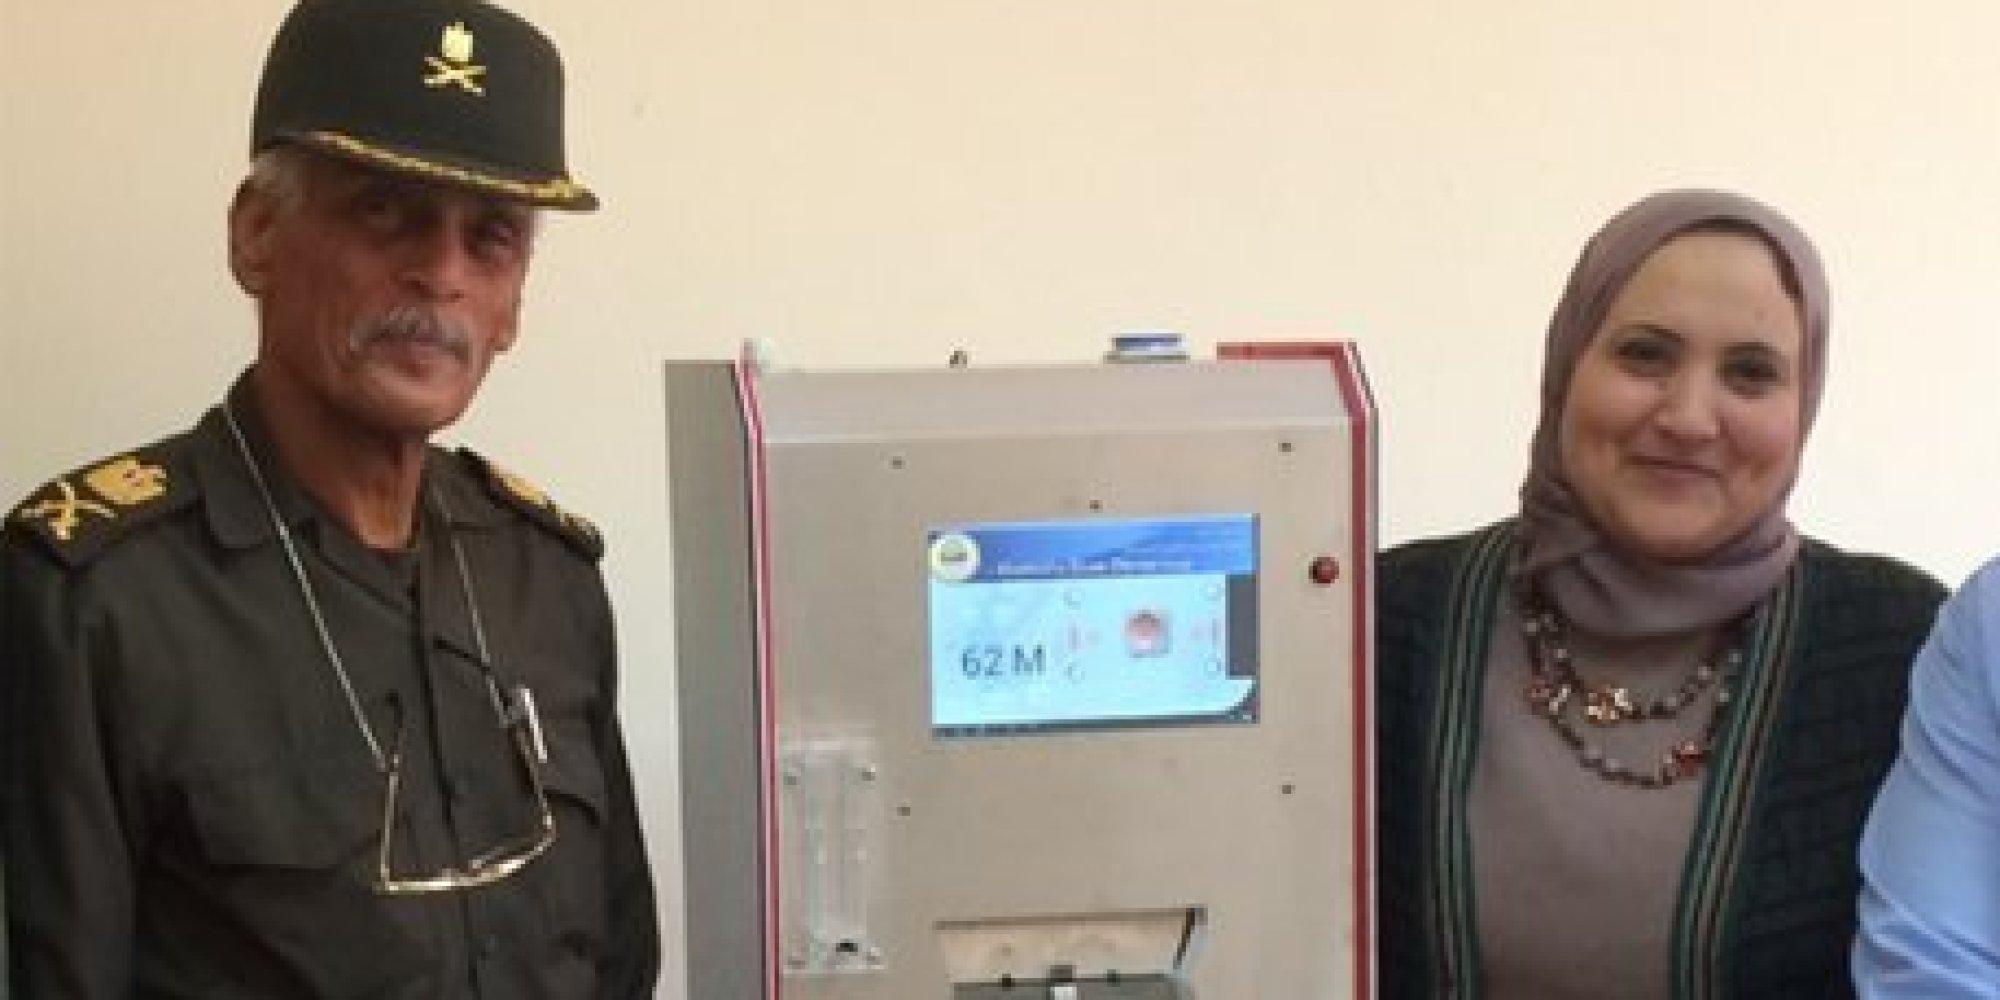 اللوء عبد العاطي يعود للكفتة.. ظهورٌ جديد لضابط الجيش المصري صاحب فكرة علاج الإيدز الوهمية